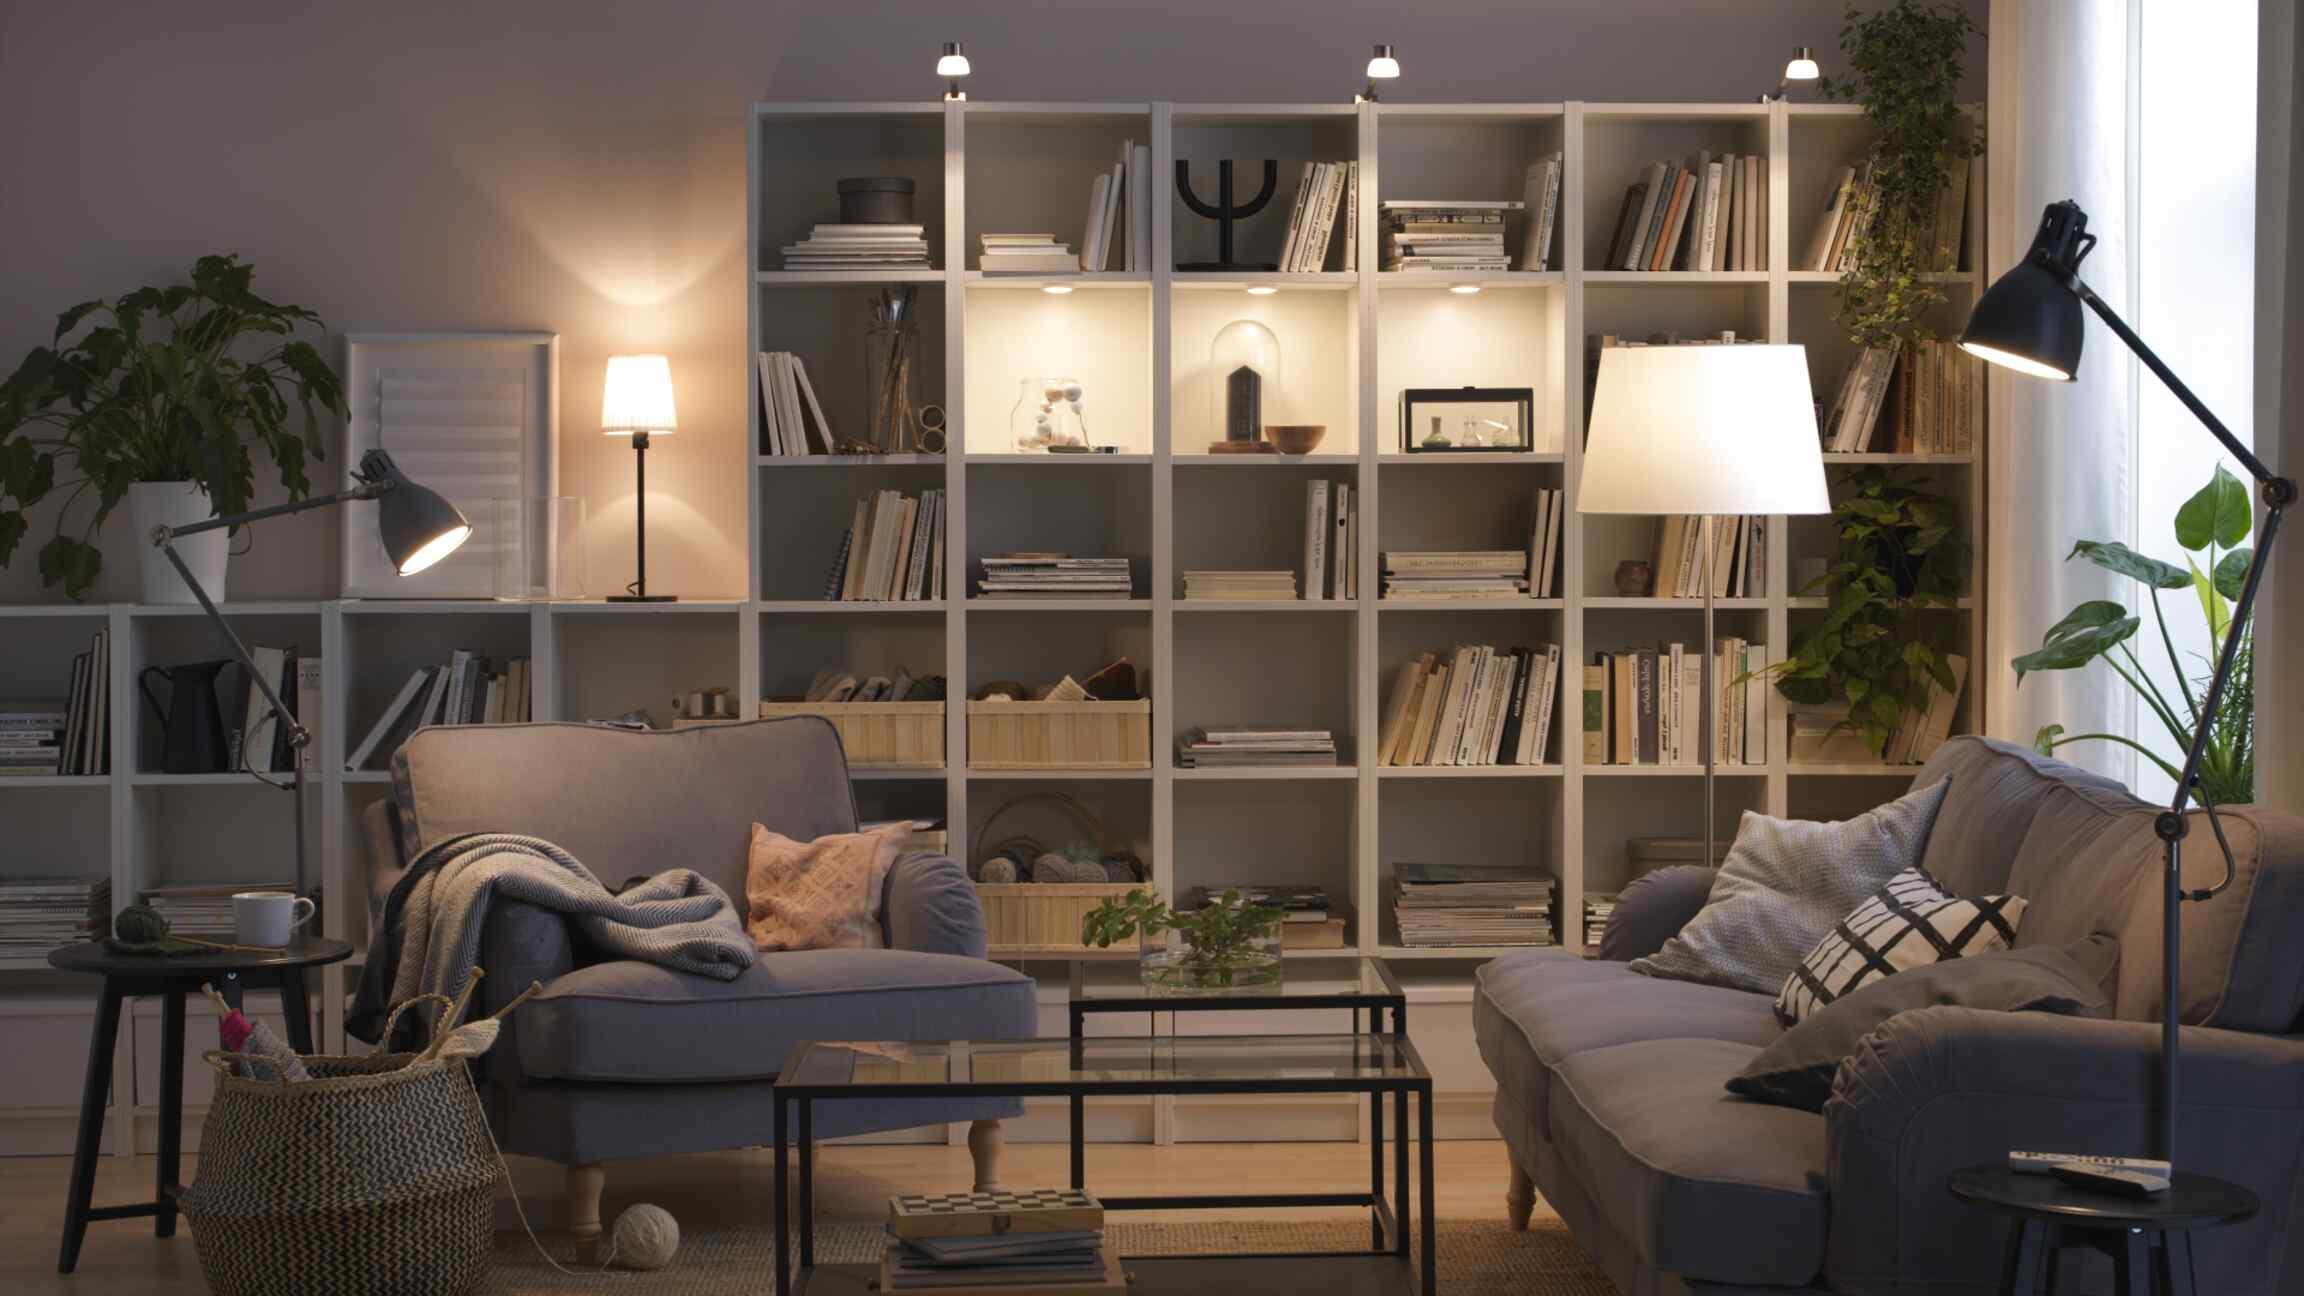 Ikea Wohnzimmer Regal gebraucht kaufen! Nur 9 St. bis -9% günstiger